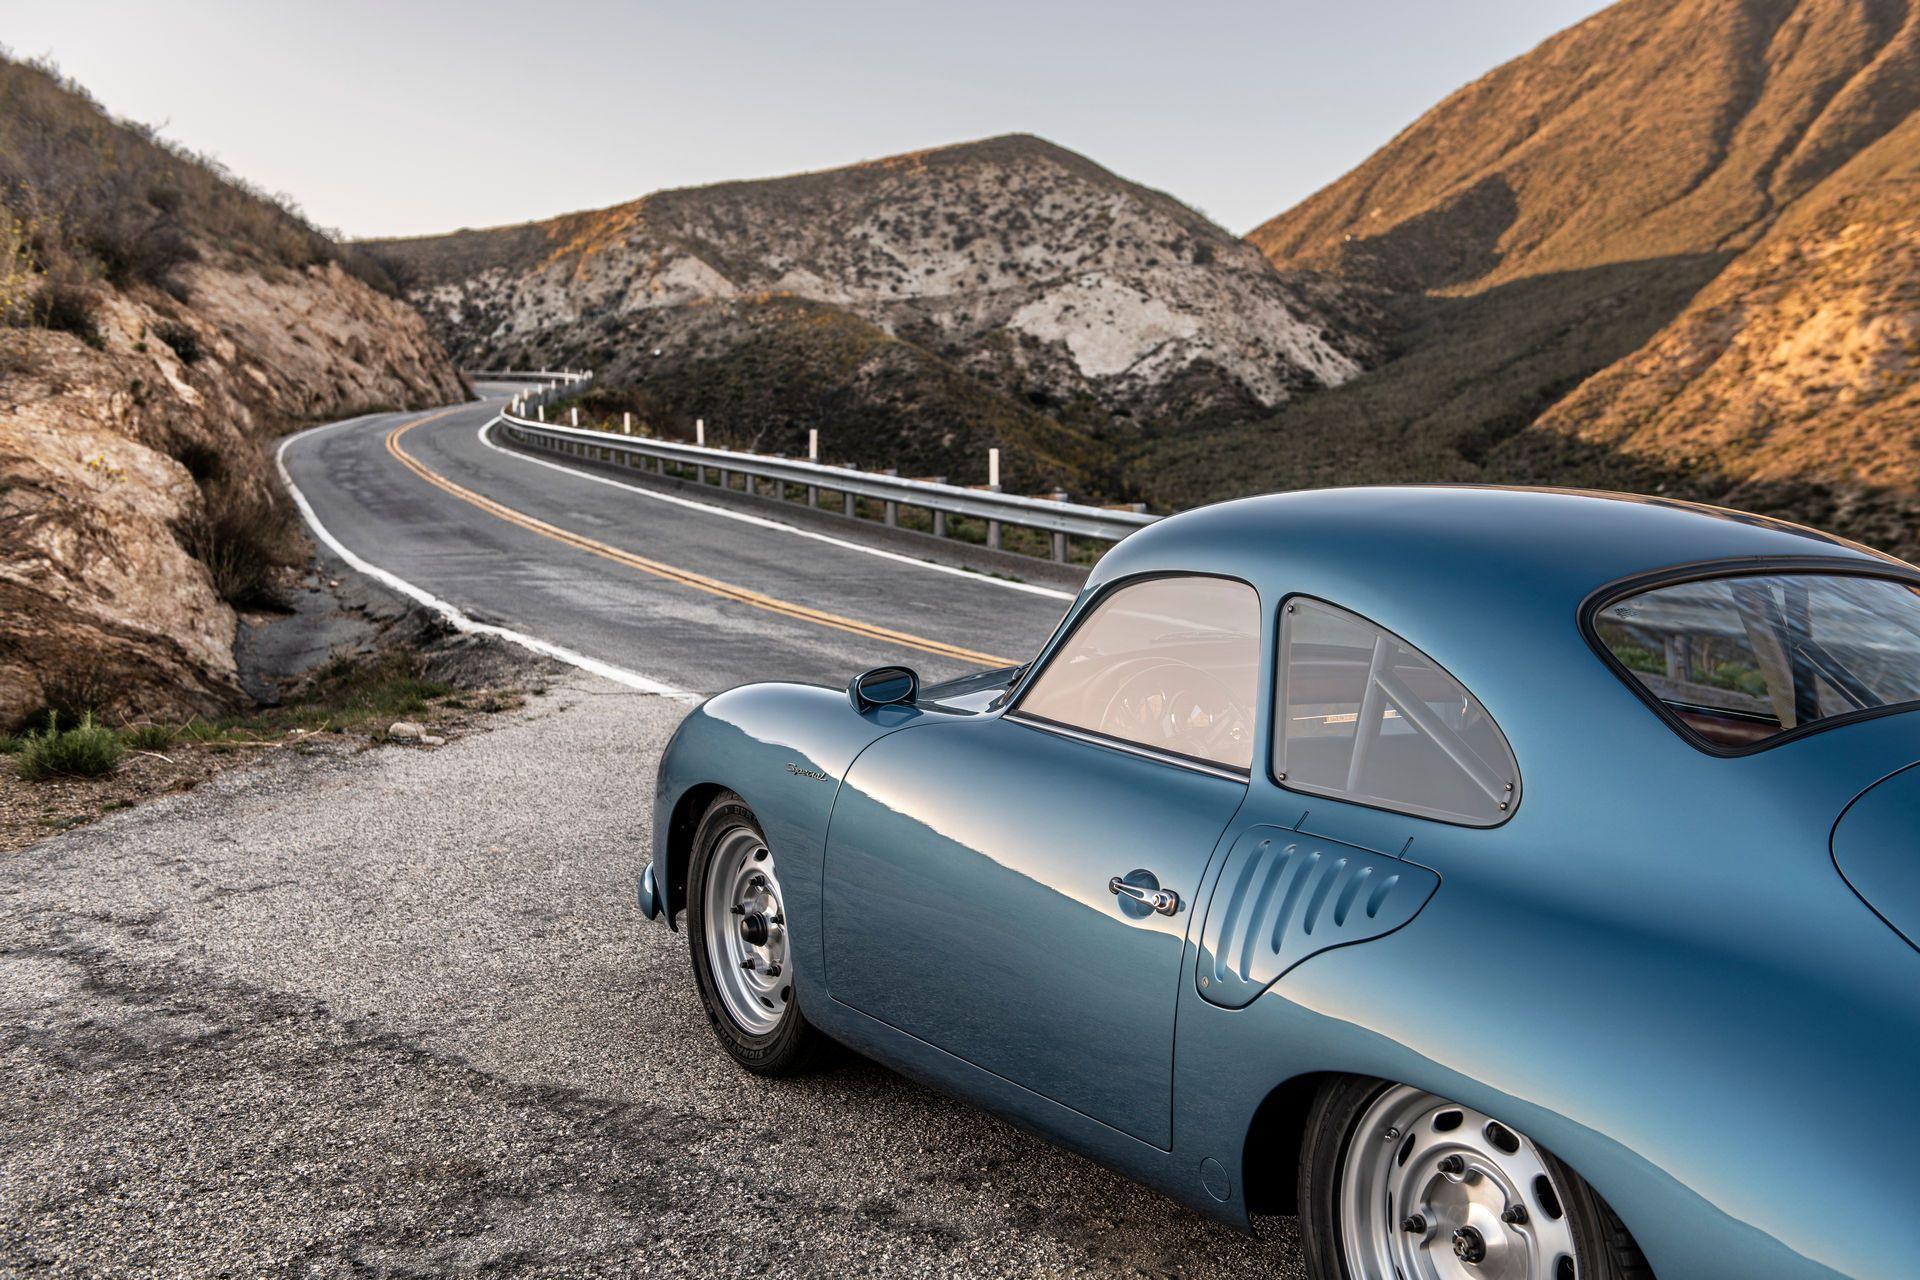 Porsche-356-A-Coupe-Restomod-Emory-Motorsports-2